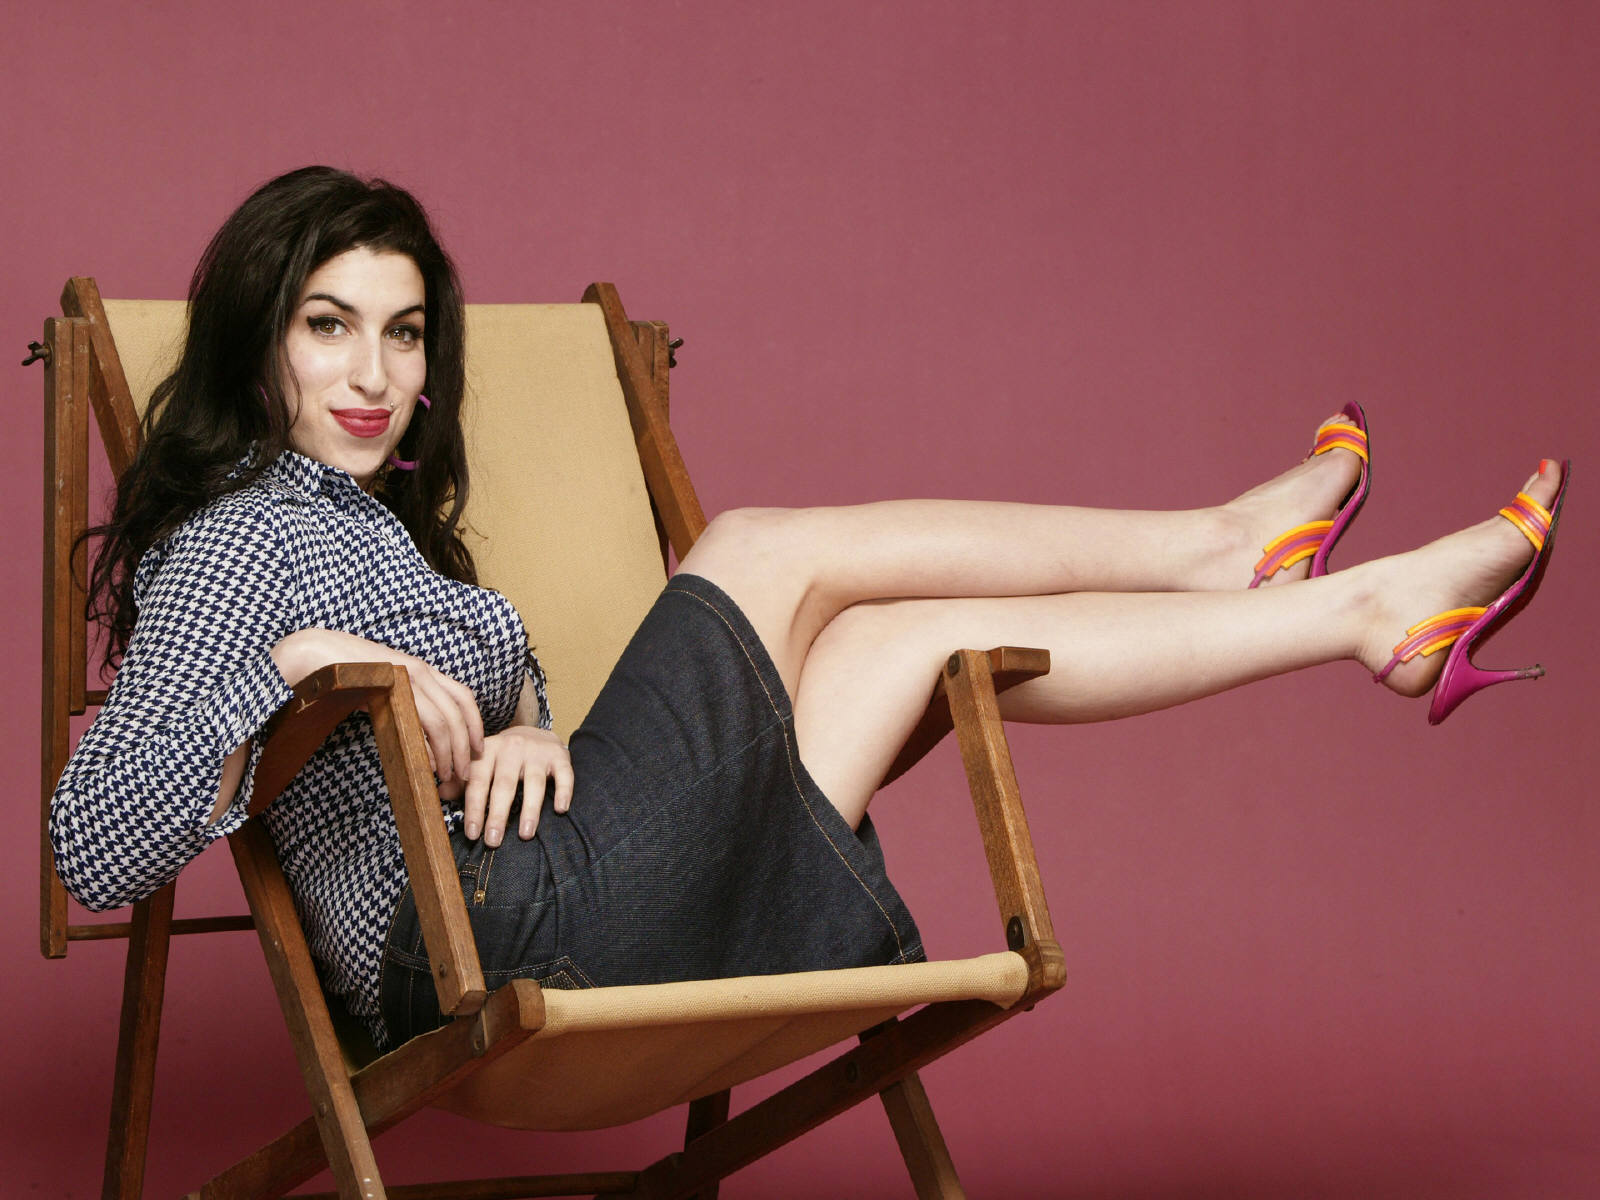 https://2.bp.blogspot.com/-As0myhMNENI/Ti48PttWWYI/AAAAAAAAMt0/bhw5MkclCTw/s1600/Amy_Winehouse_0052_1600X1200_Wallpaper.jpg